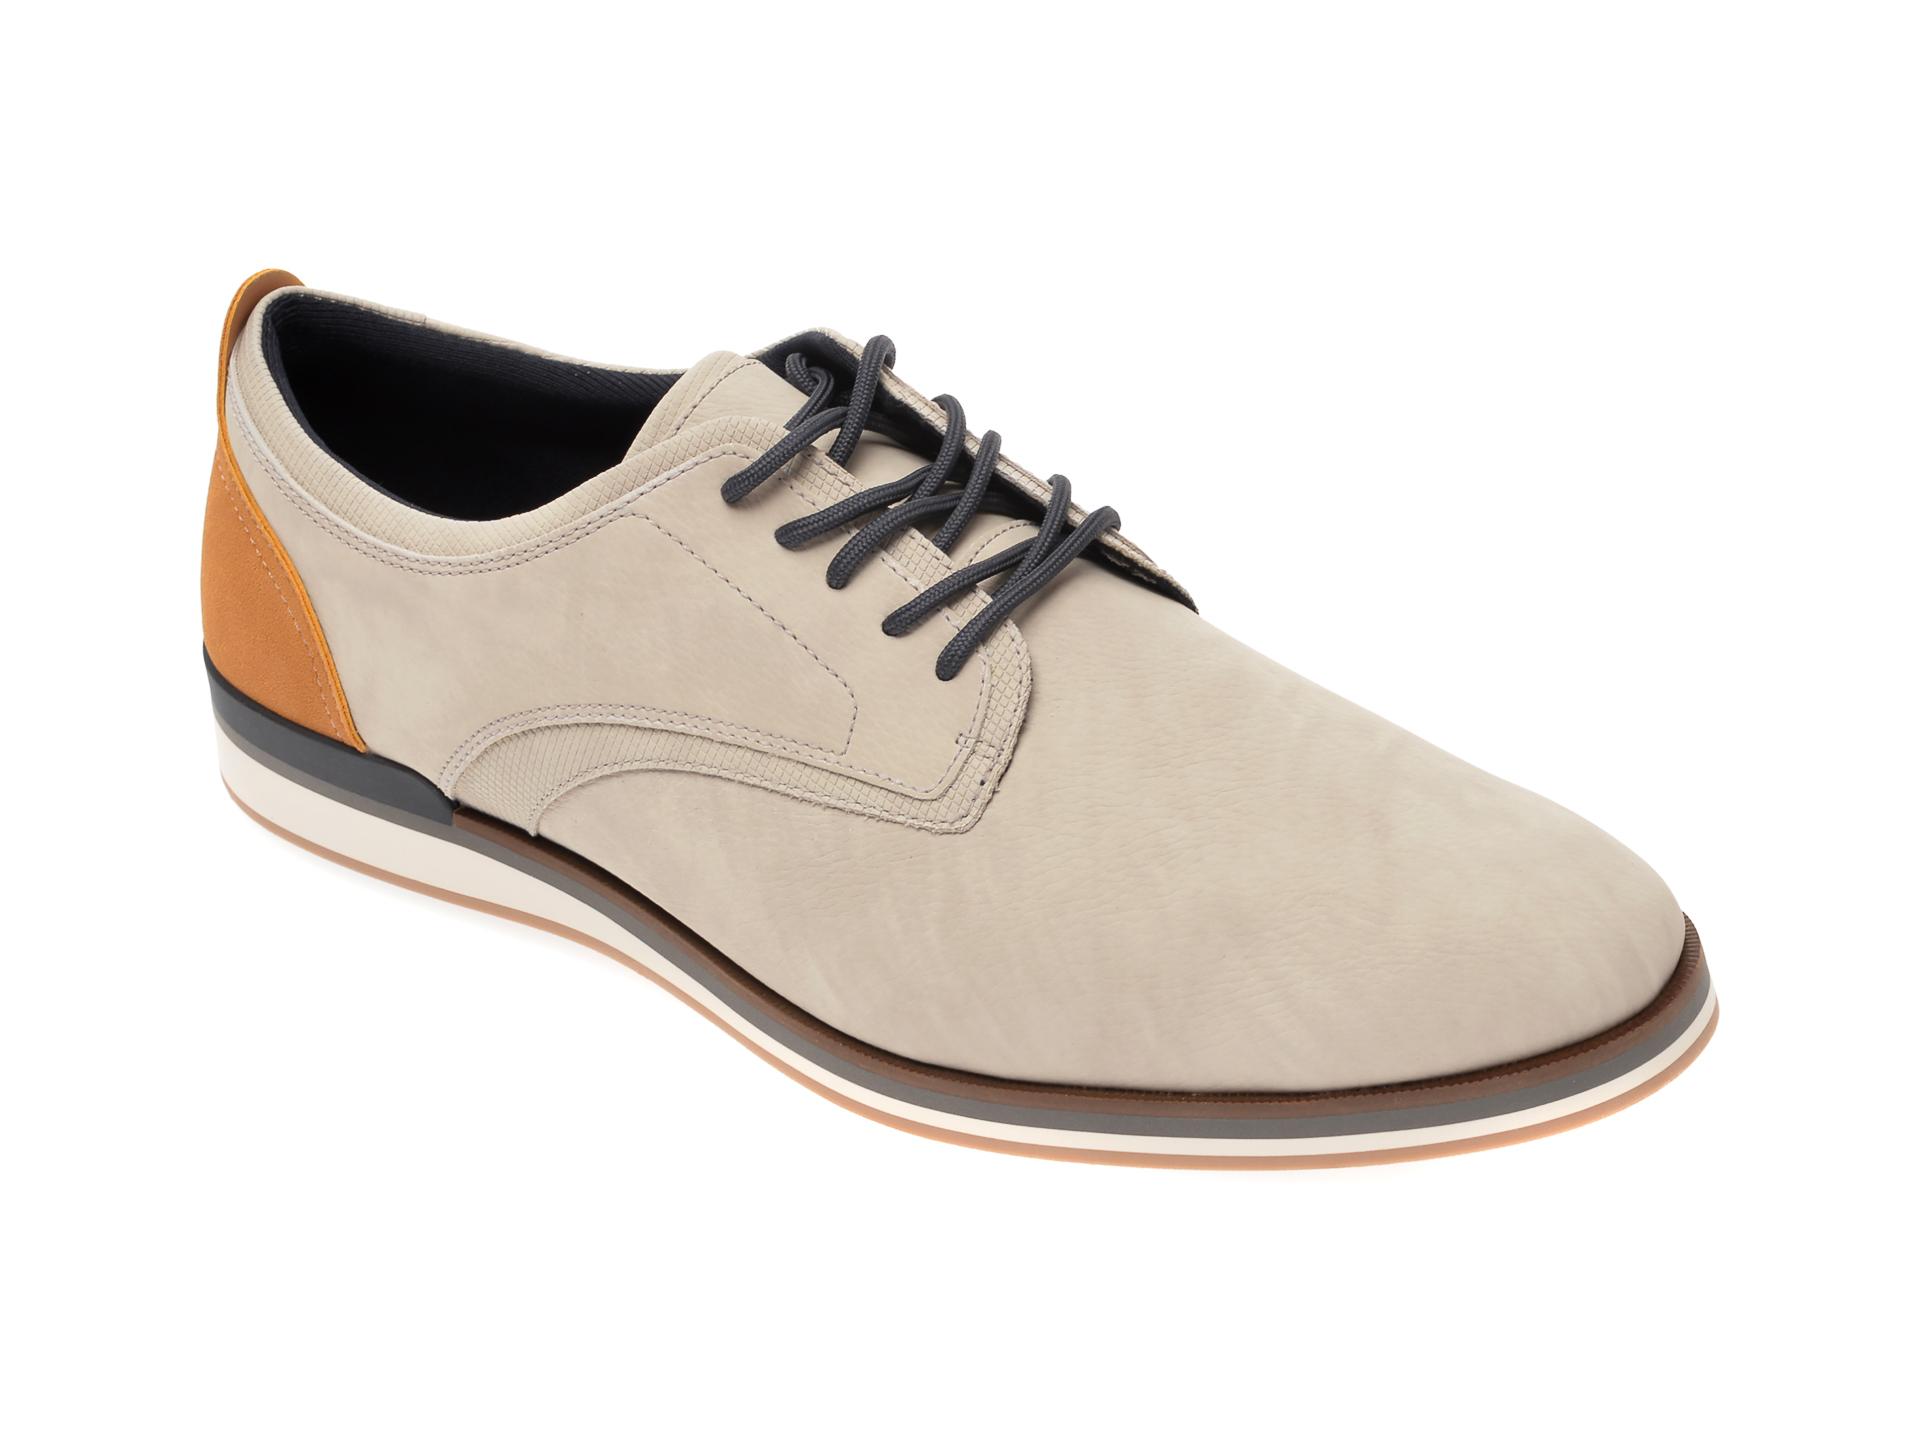 Pantofi ALDO gri, Eowoalian050, din piele ecologica imagine